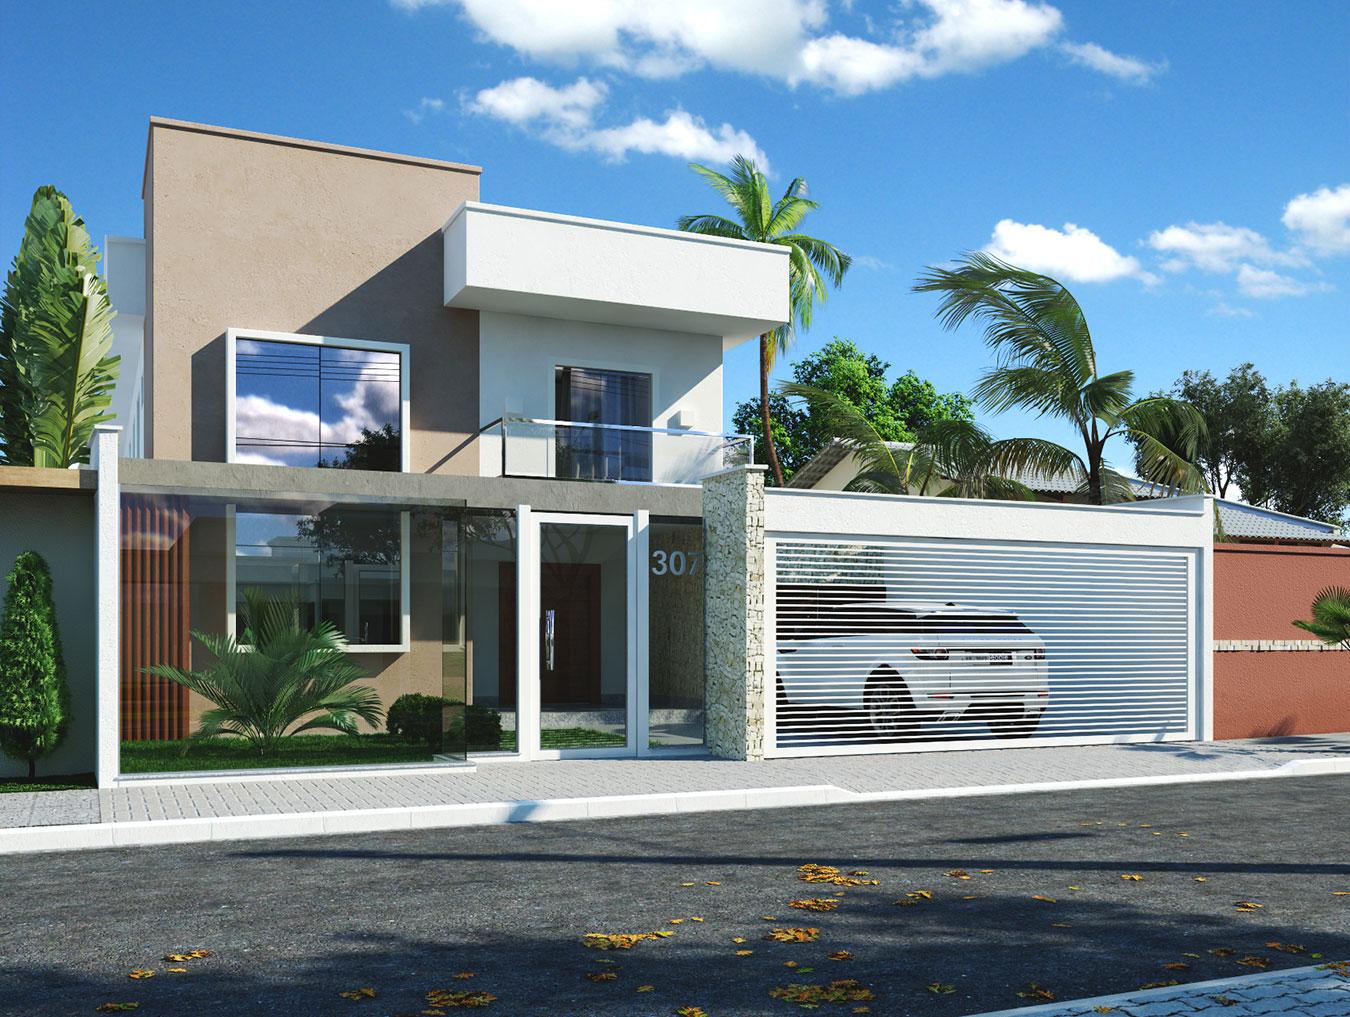 132 casas bonitas modernas fotos lindas for Fachada de casas modernas y bonitas